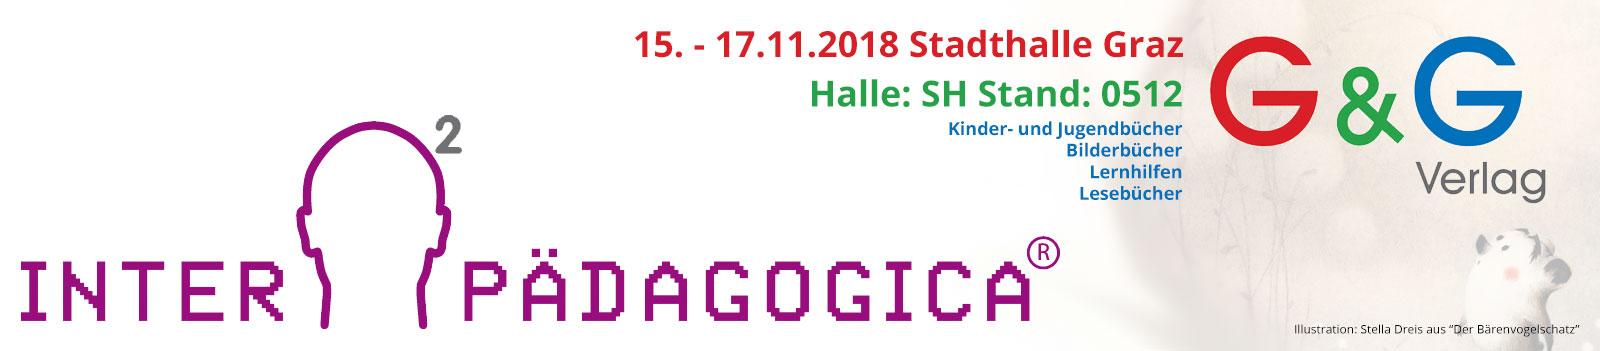 IP-2018-Graz